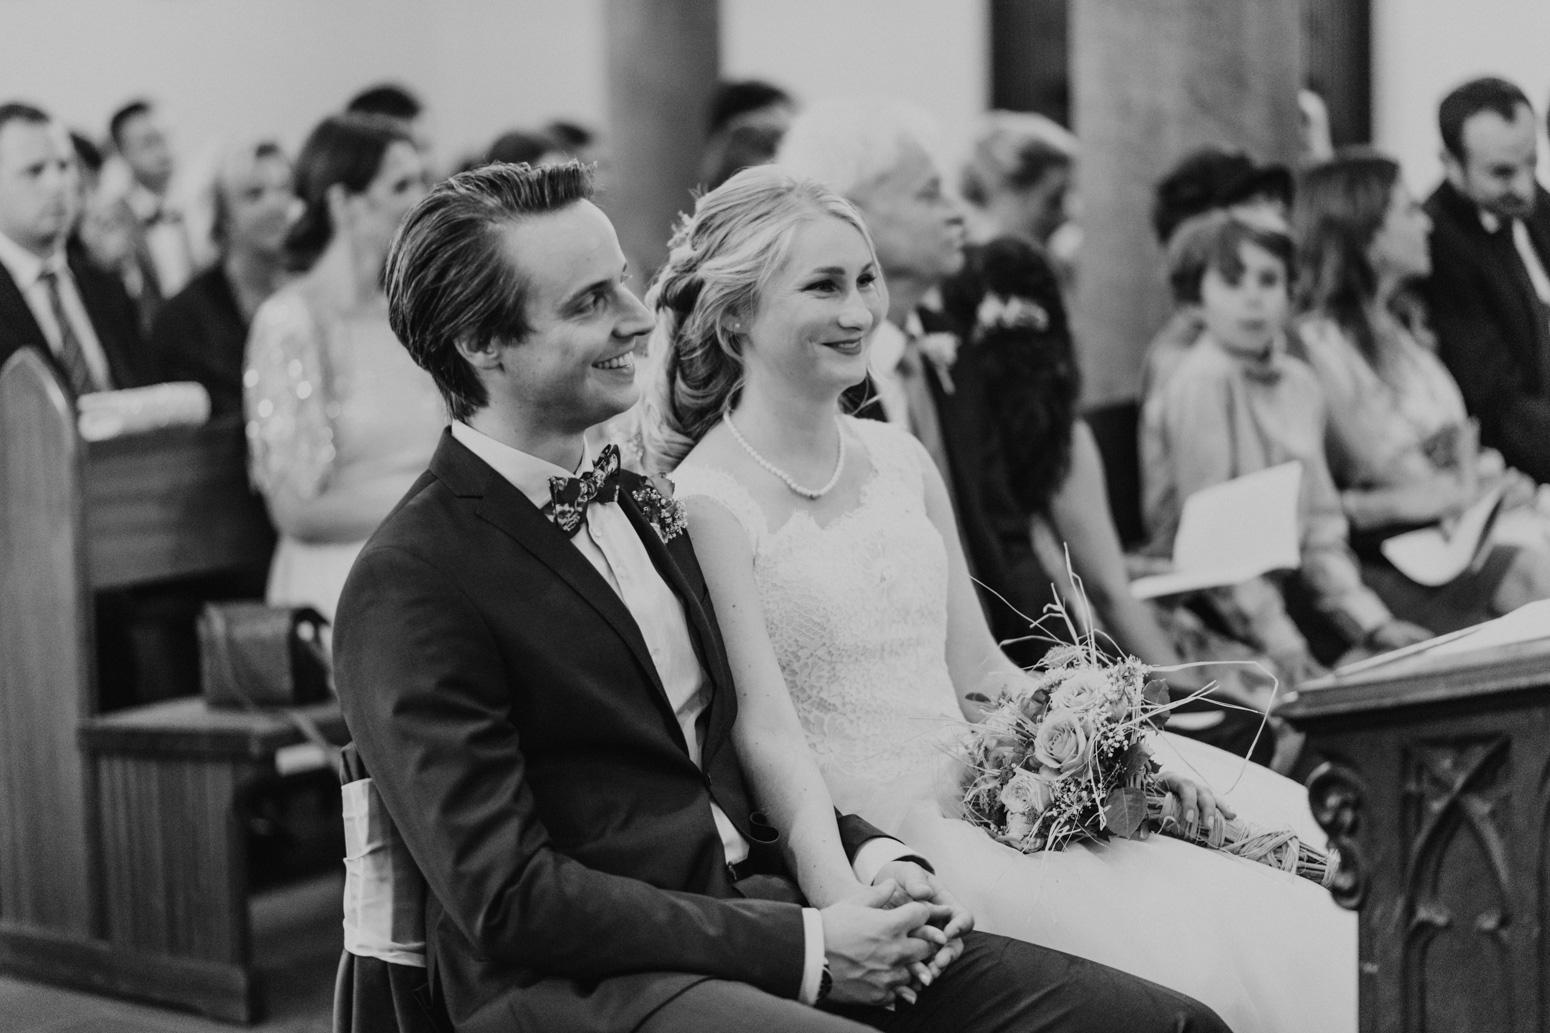 Ein aufgeregtes Brautpaar bei der Trauung. Hochzeitsfotografin Daria Becker von Genuine Bonds aus Bonn